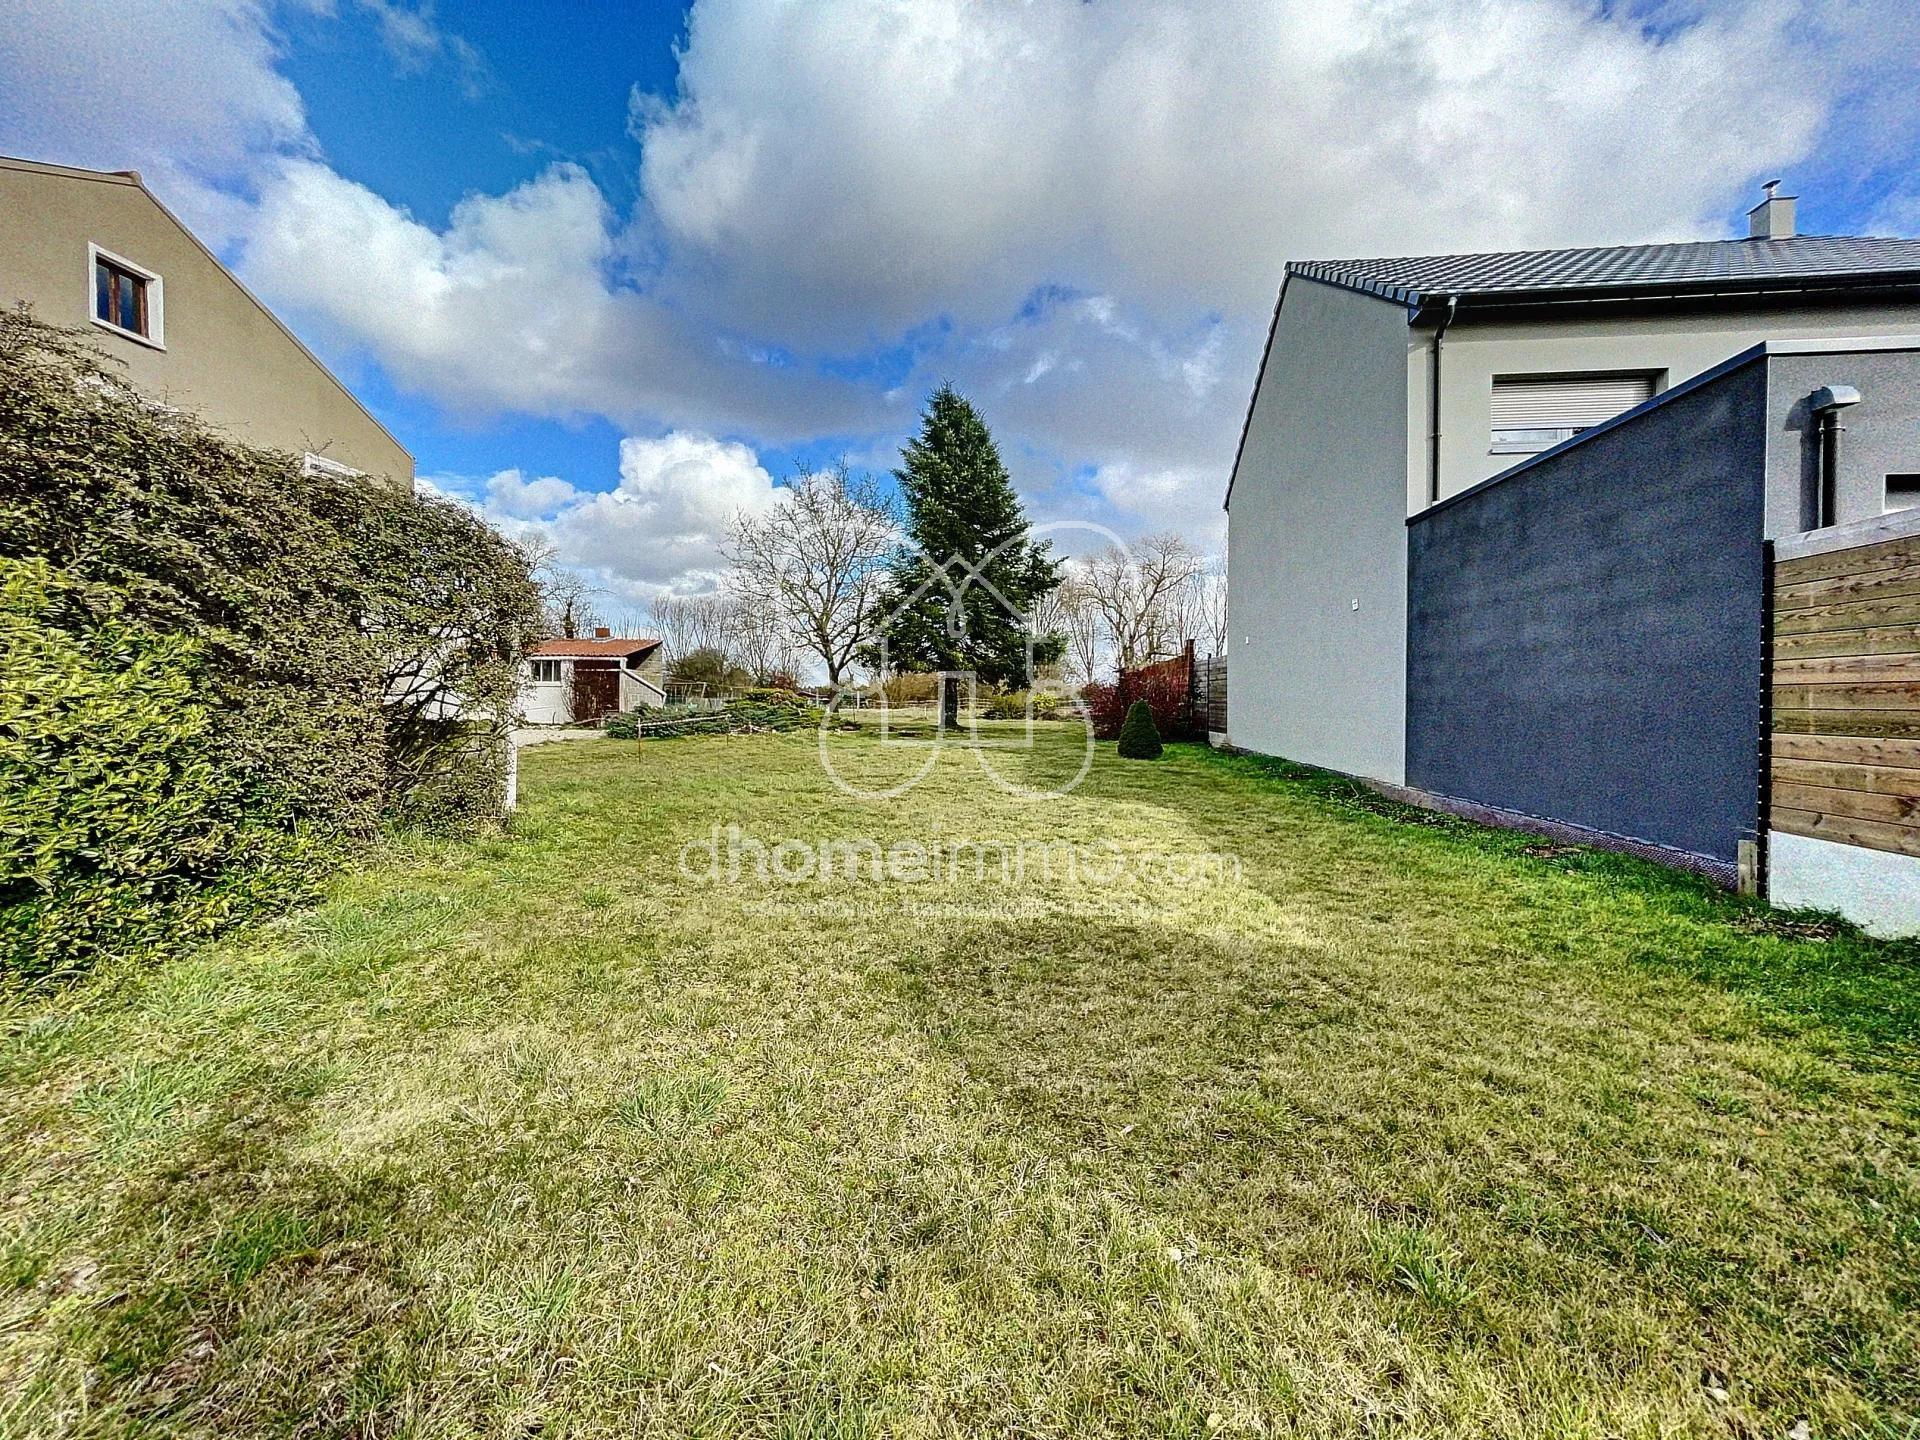 Sale Building land - Raimbeaucourt